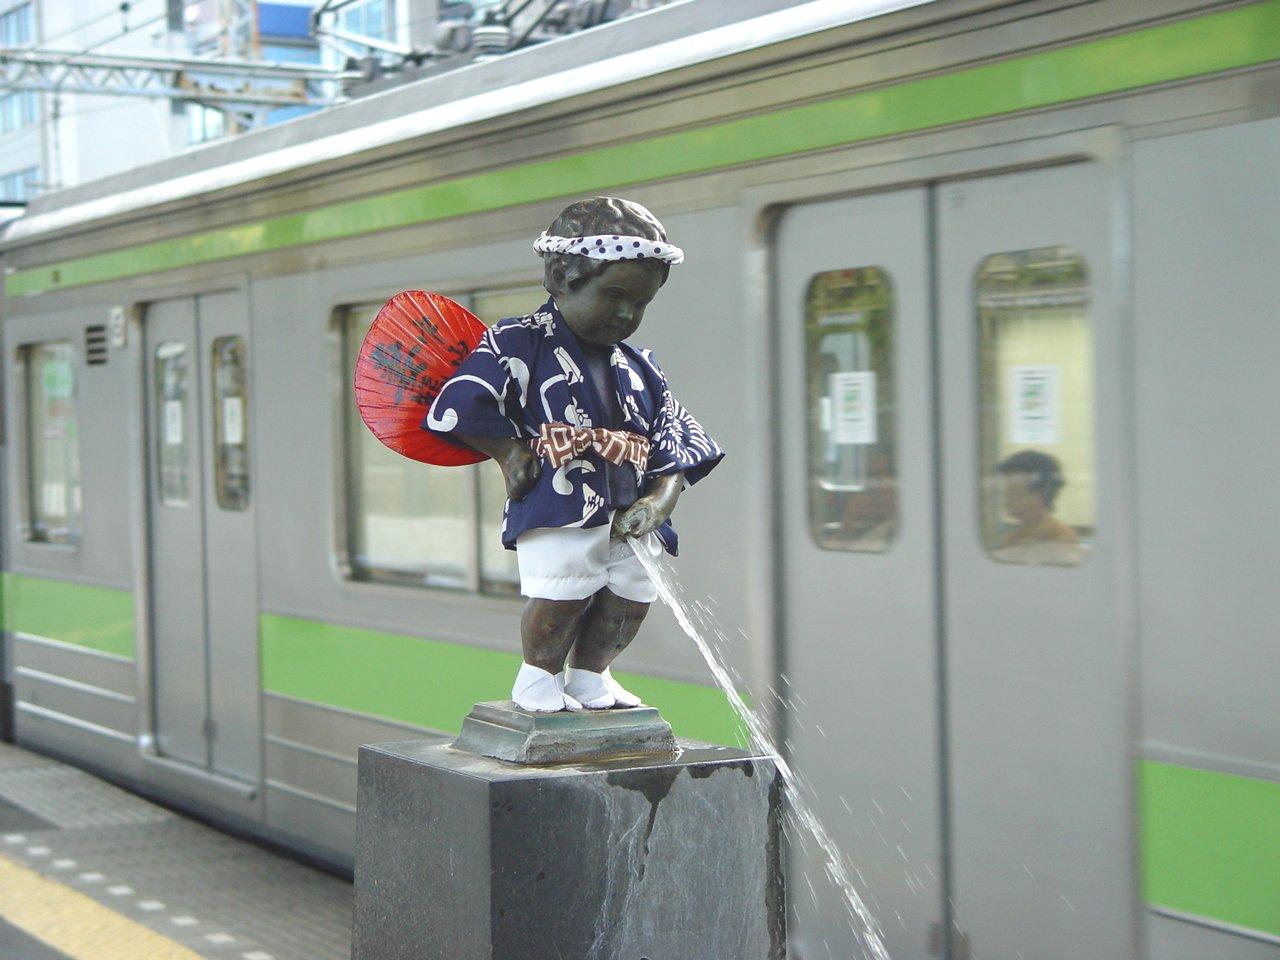 รูปปั้นแมนิเกนพีส-ไปโผล่ที่ญี่ปุ่น